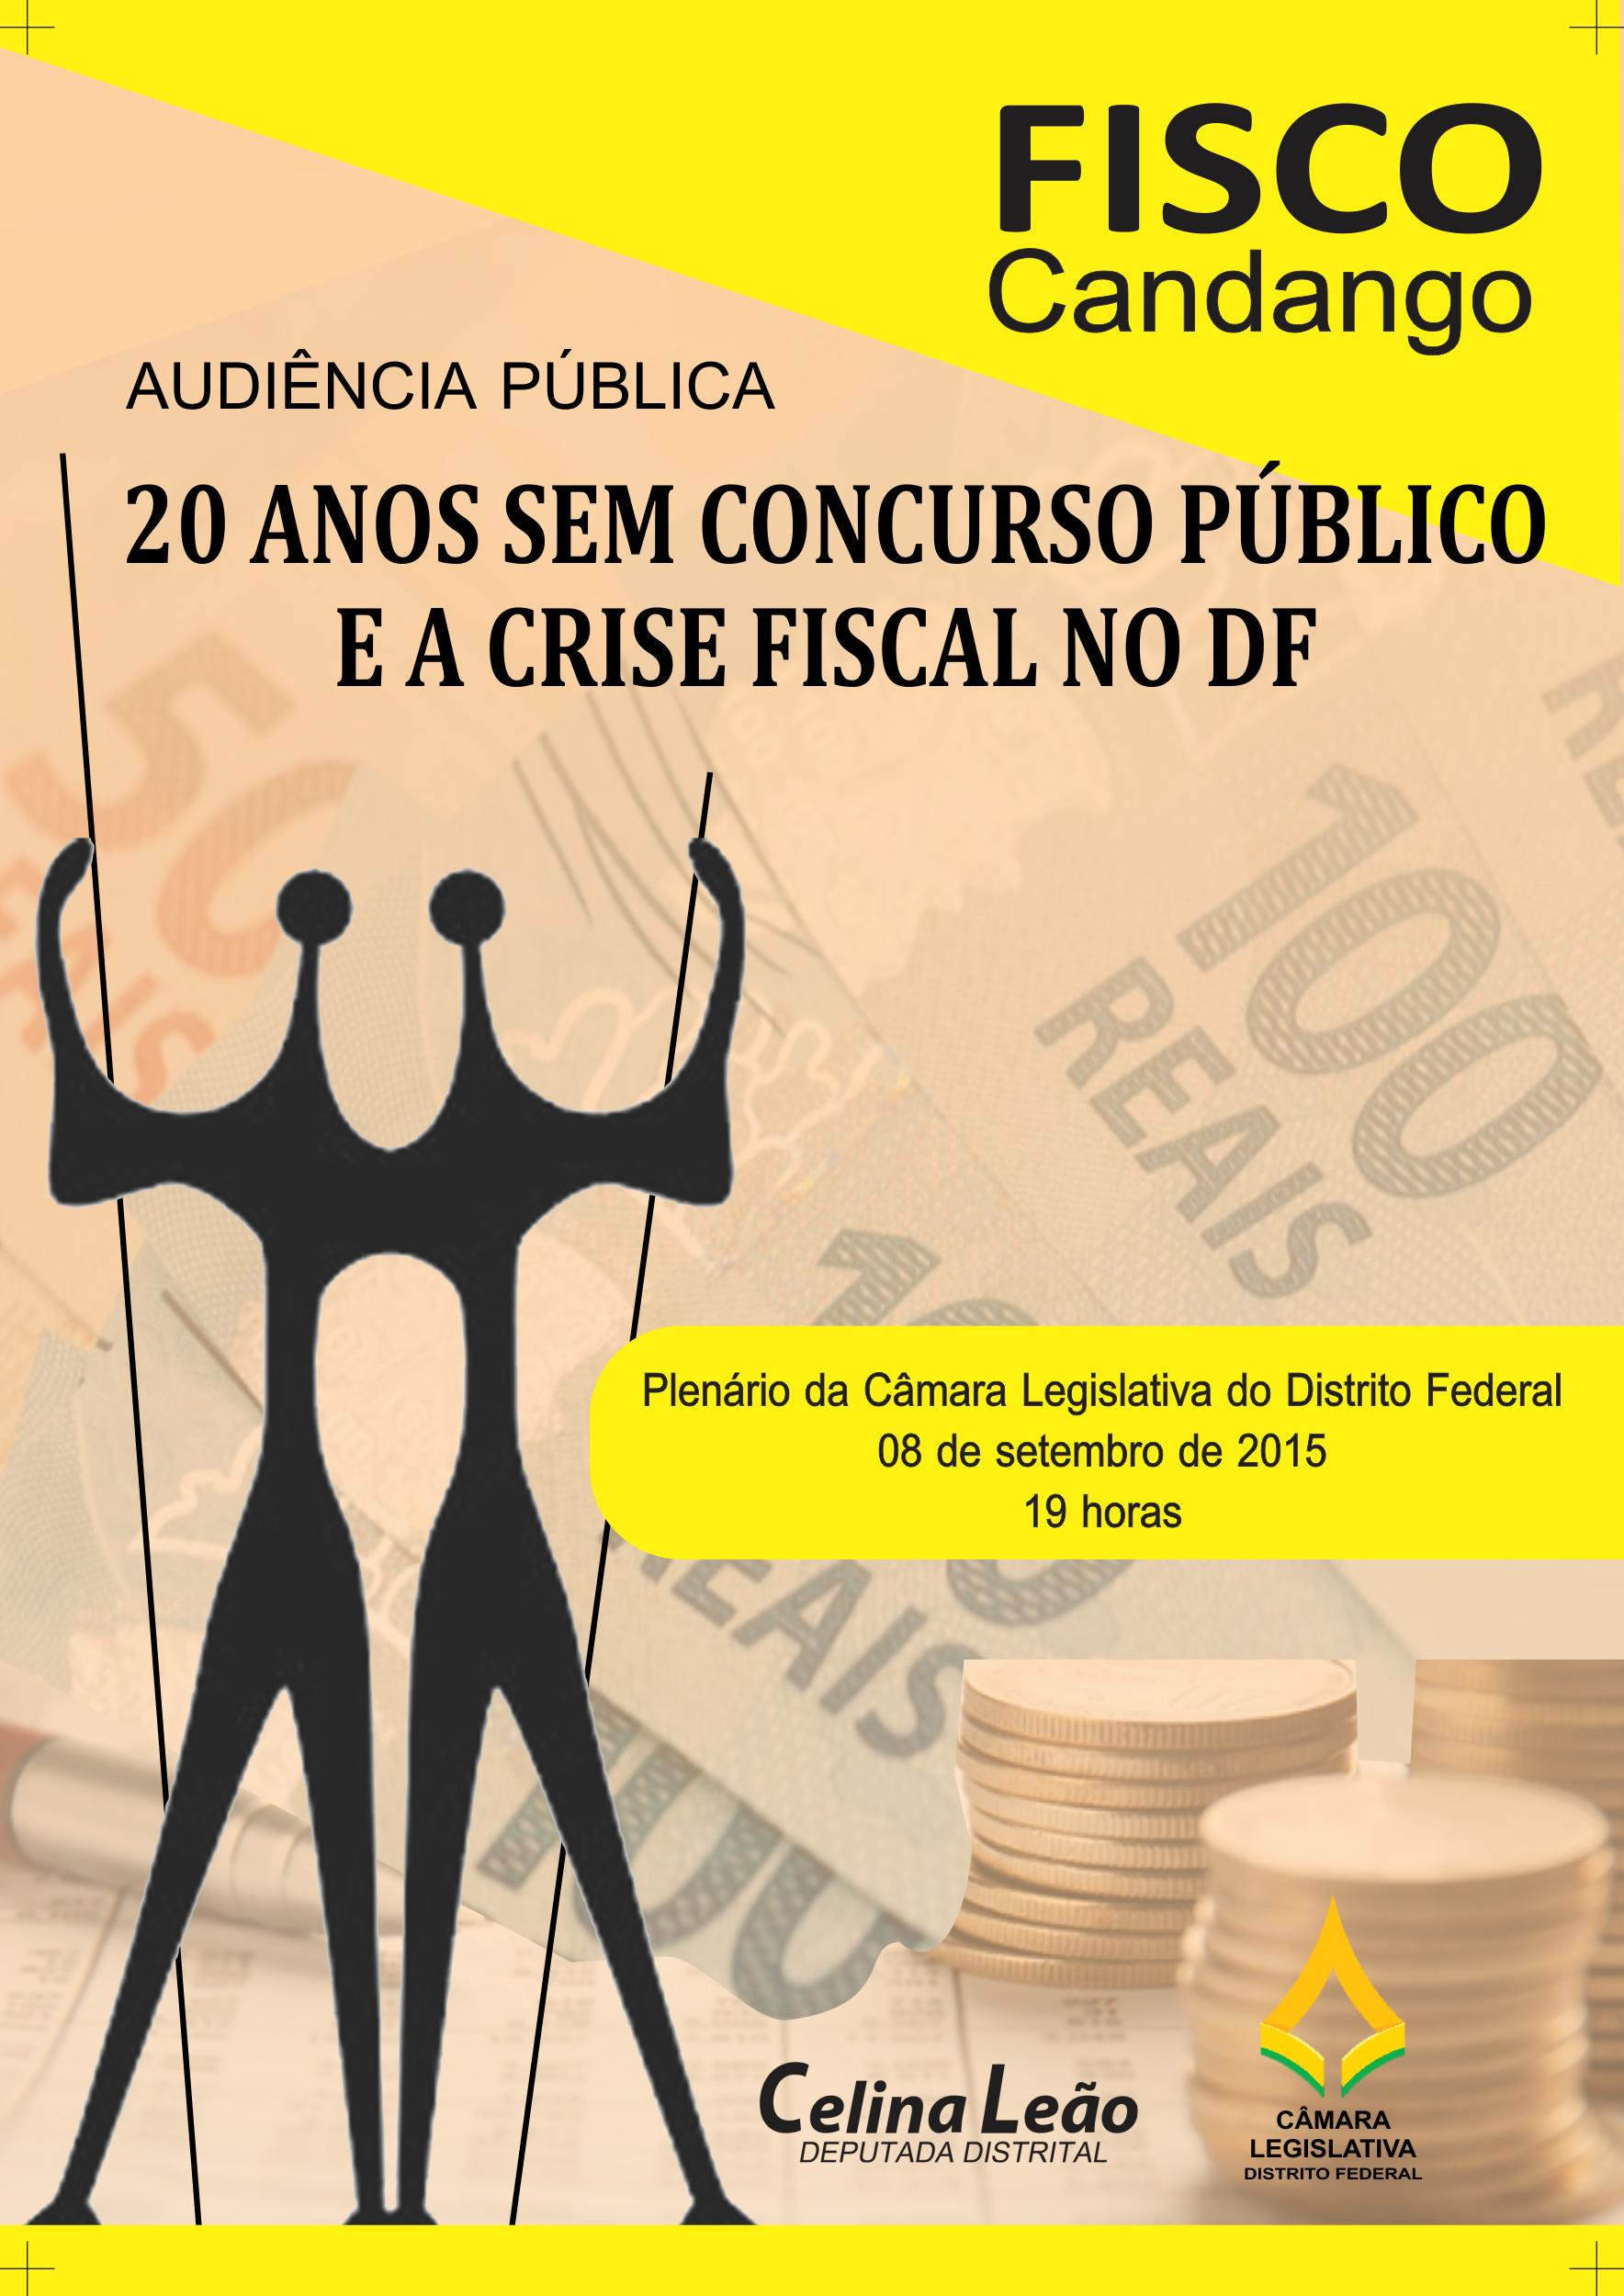 Audiência Pública CLDF: 20 ANOS SEM CONCURSO PÚBLICO